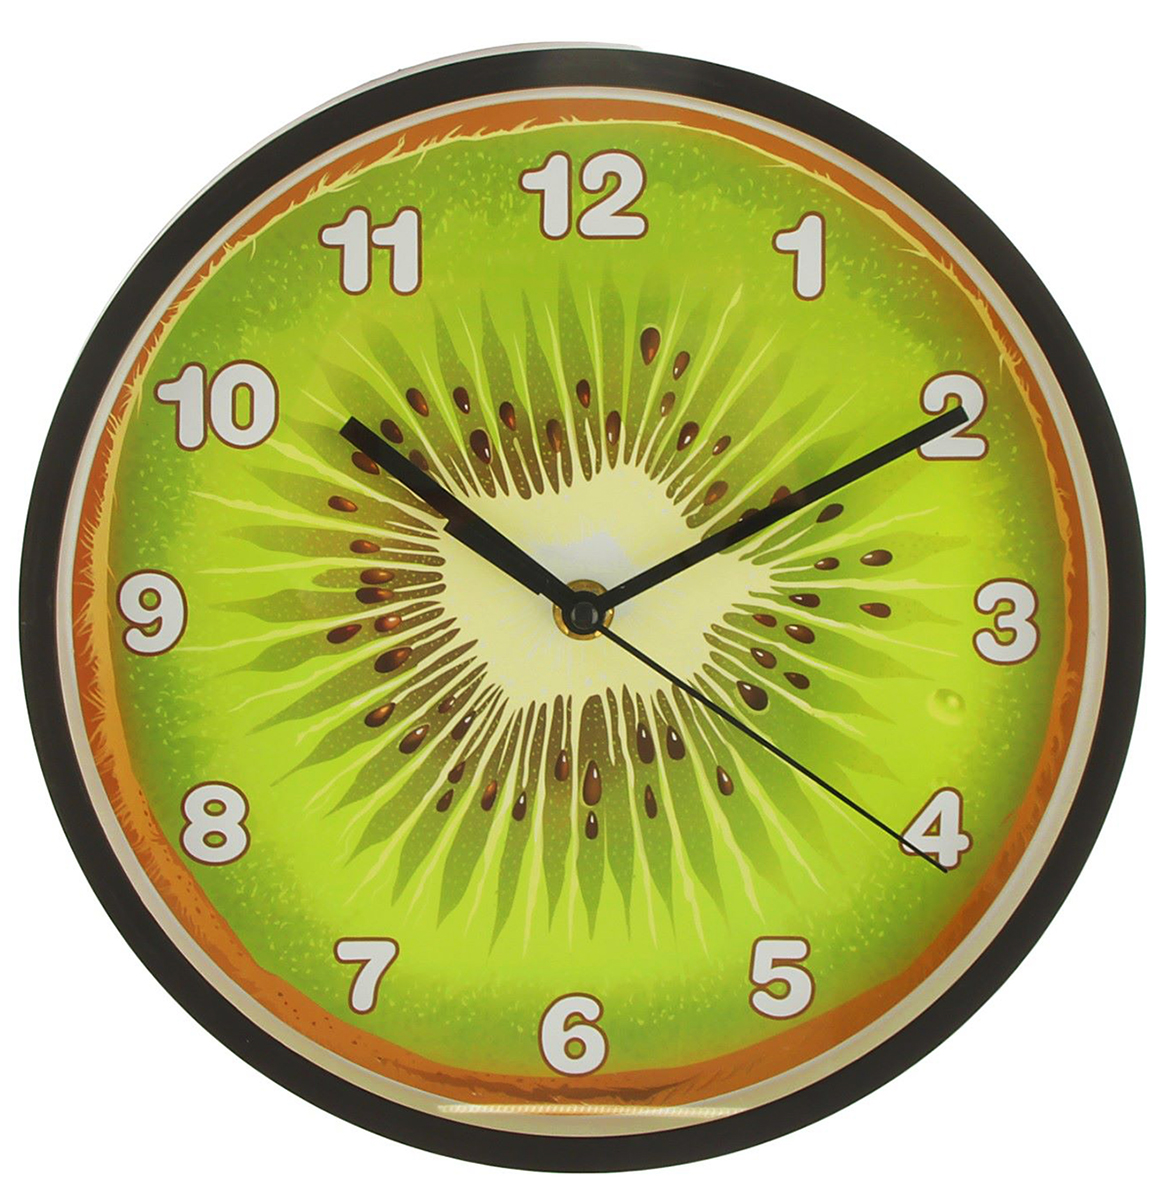 Часы настенные кухонные Киви, диаметр 25 см2590547Каждому хозяину периодически приходит мысль обновить свою квартиру, сделать ремонт, перестановку или кардинально поменять внешний вид каждой комнаты. — привлекательная деталь, которая поможет воплотить вашу интерьерную идею, создать неповторимую атмосферу в вашем доме. Окружите себя приятными мелочами, пусть они радуют глаз и дарят гармонию.Часы настенные кухонные круг Киви толстые черные края, арабские цифры, 25*25см 2590547